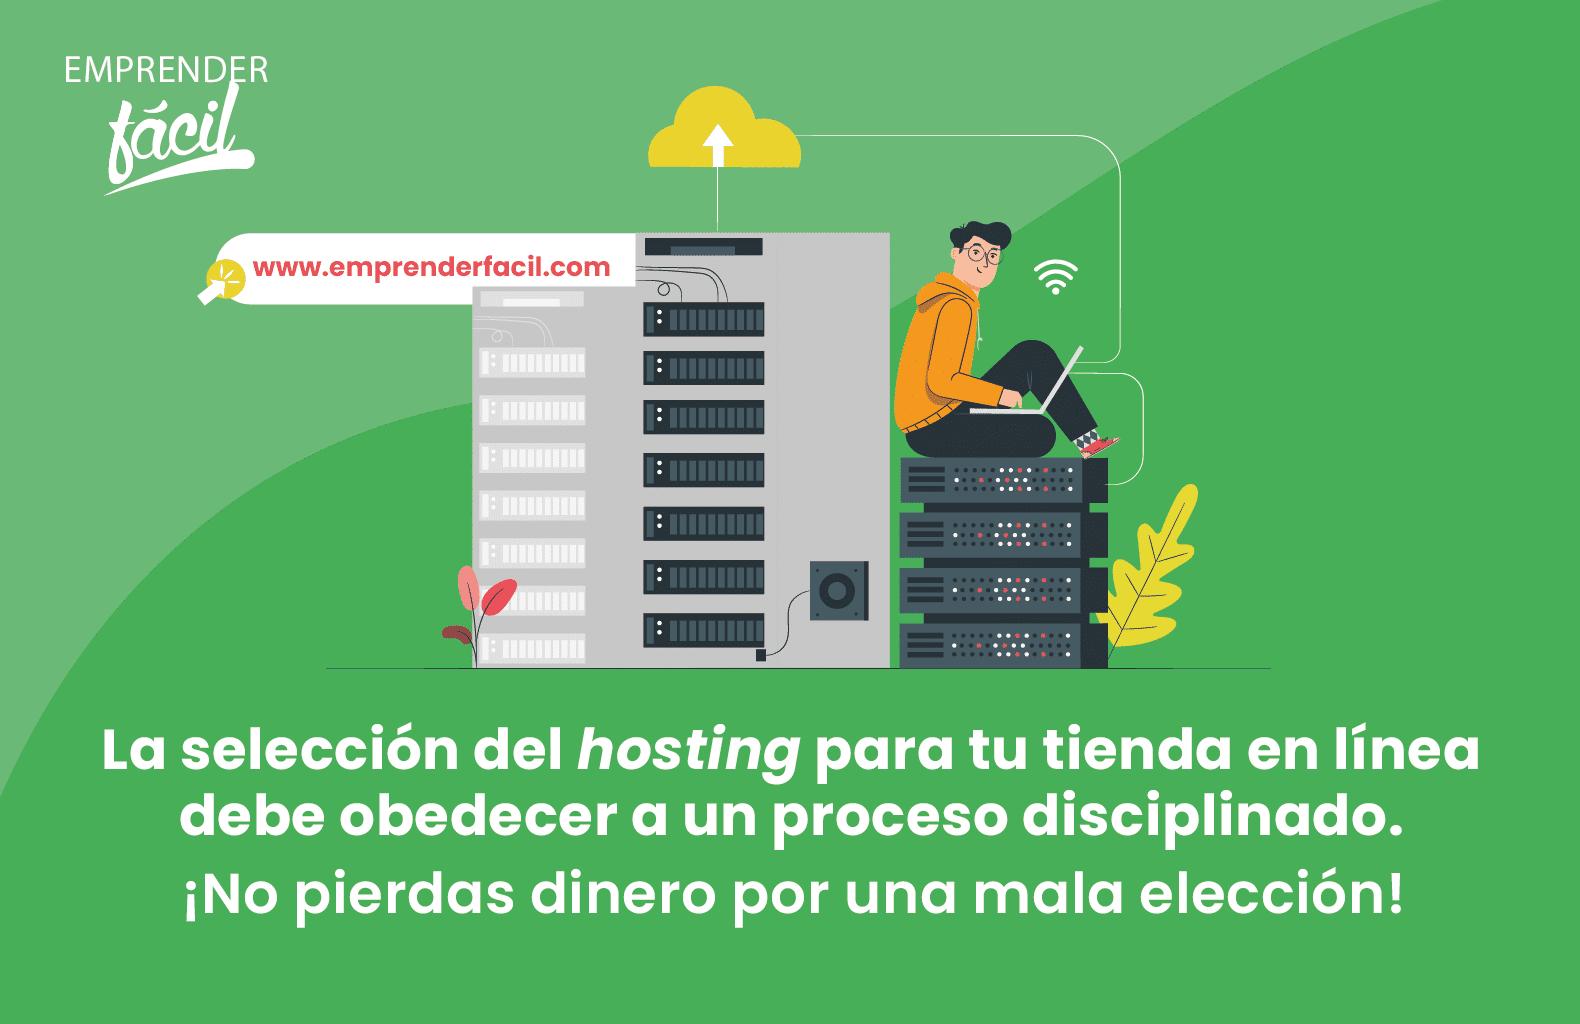 La selección del hosting para tu tienda en línea debe obedecer a un proceso disciplinado.